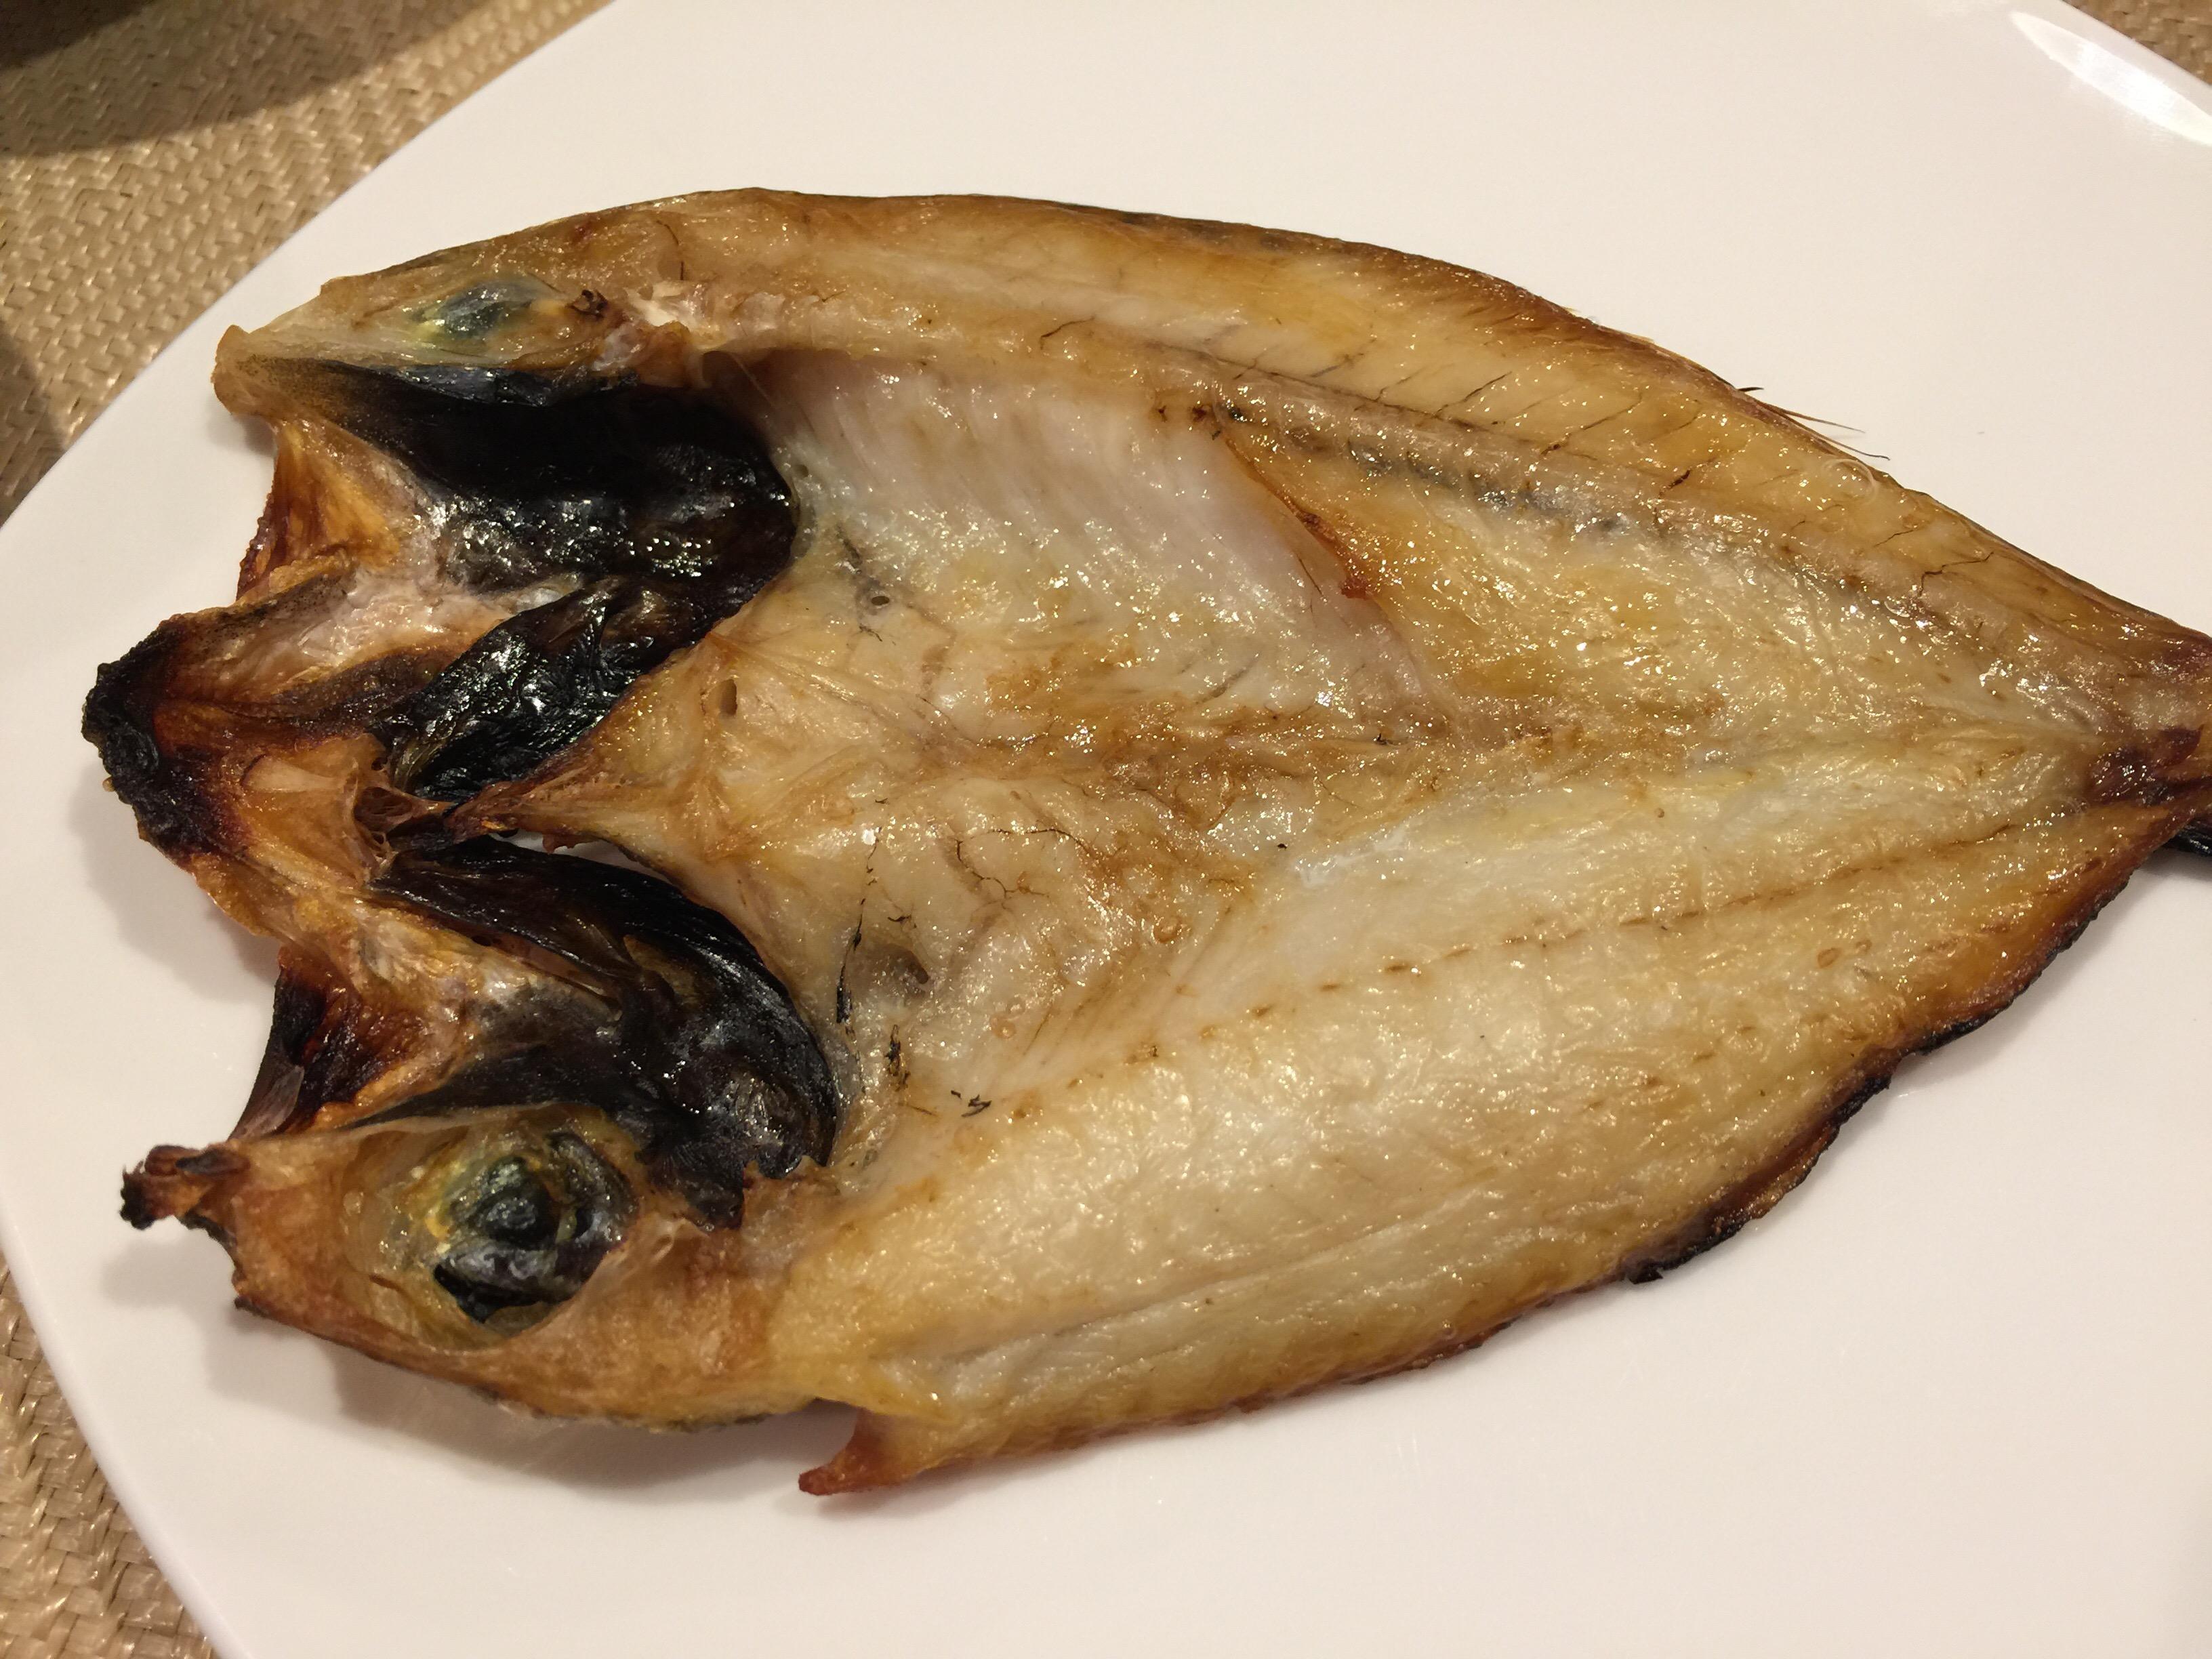 浜田市にふるさと納税 美味しいと評判の「のどぐろ三昧セット」